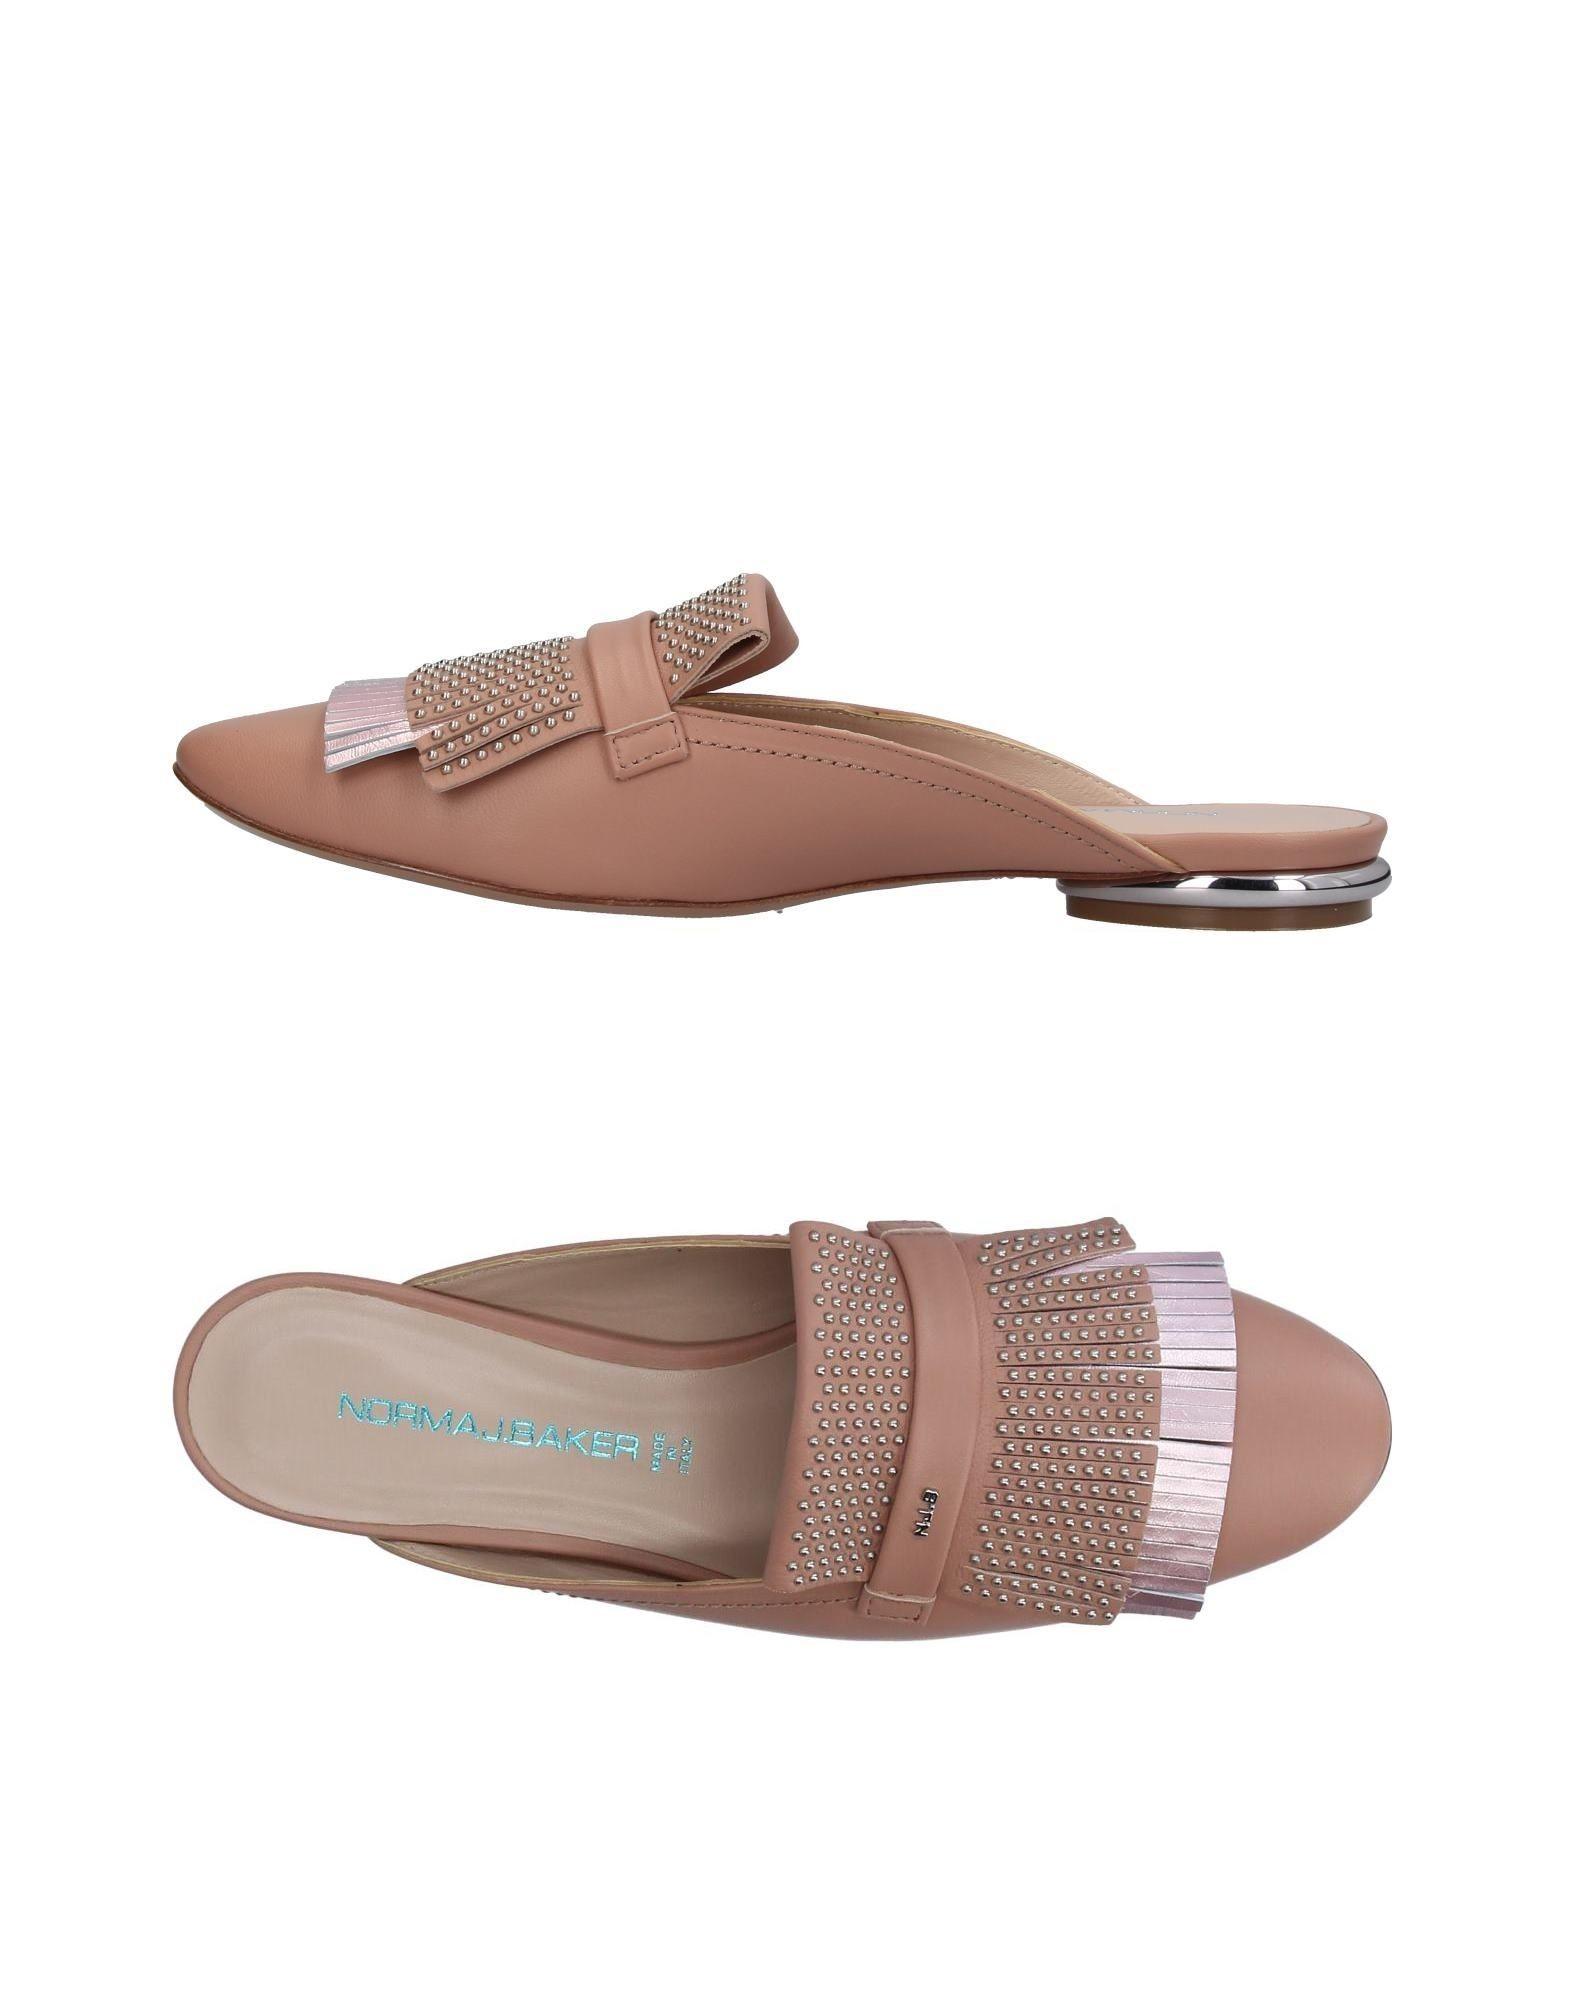 Norma J.Baker Pantoletten Damen  11338948QB Gute Qualität beliebte Schuhe